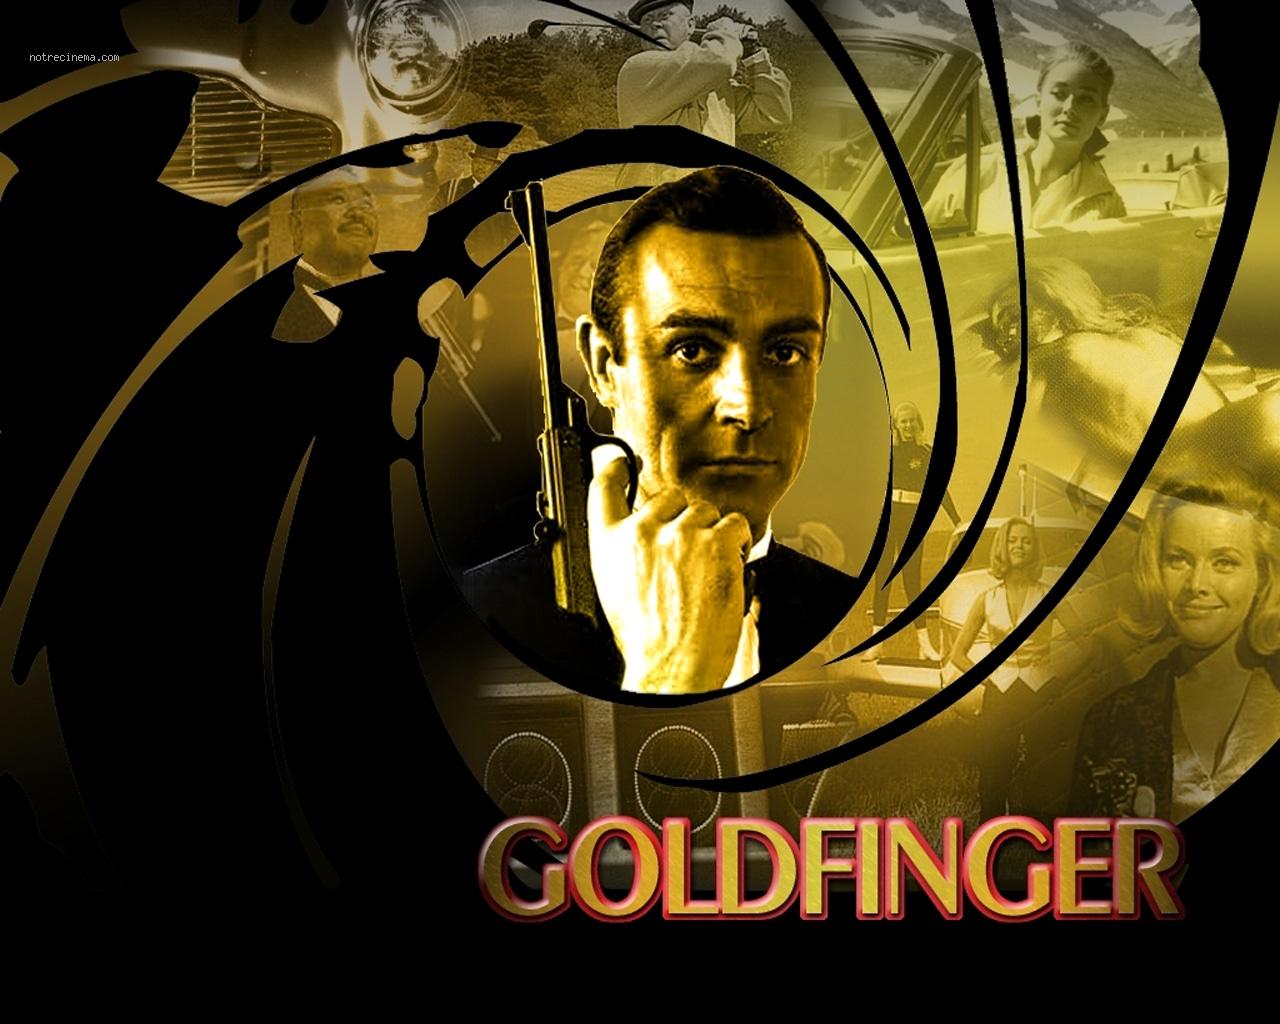 goldfinger-wallpaper_294513_32943